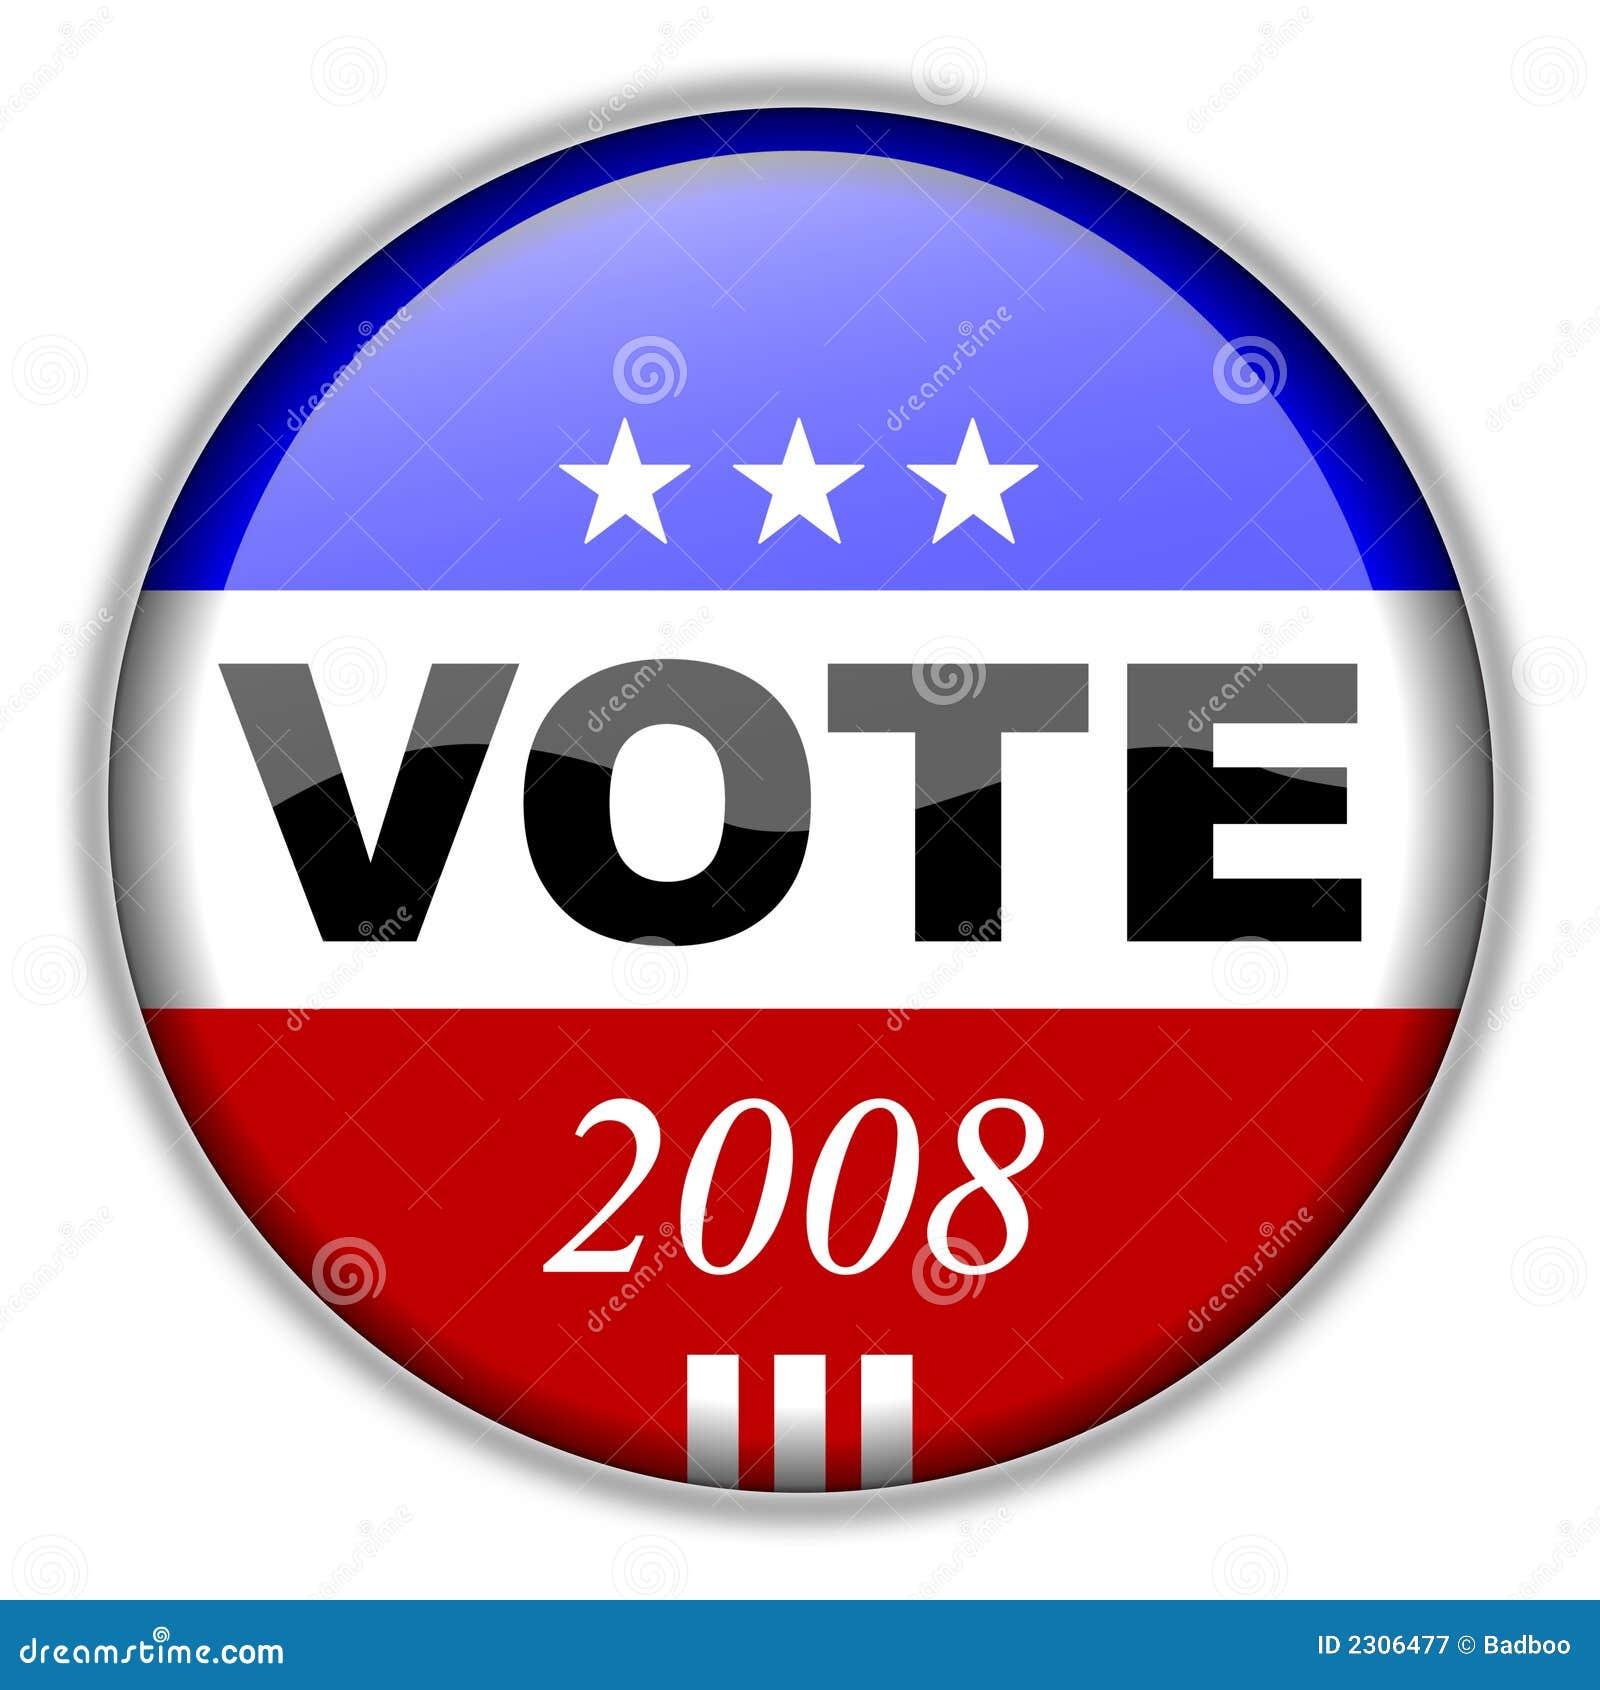 Vote Button 2008